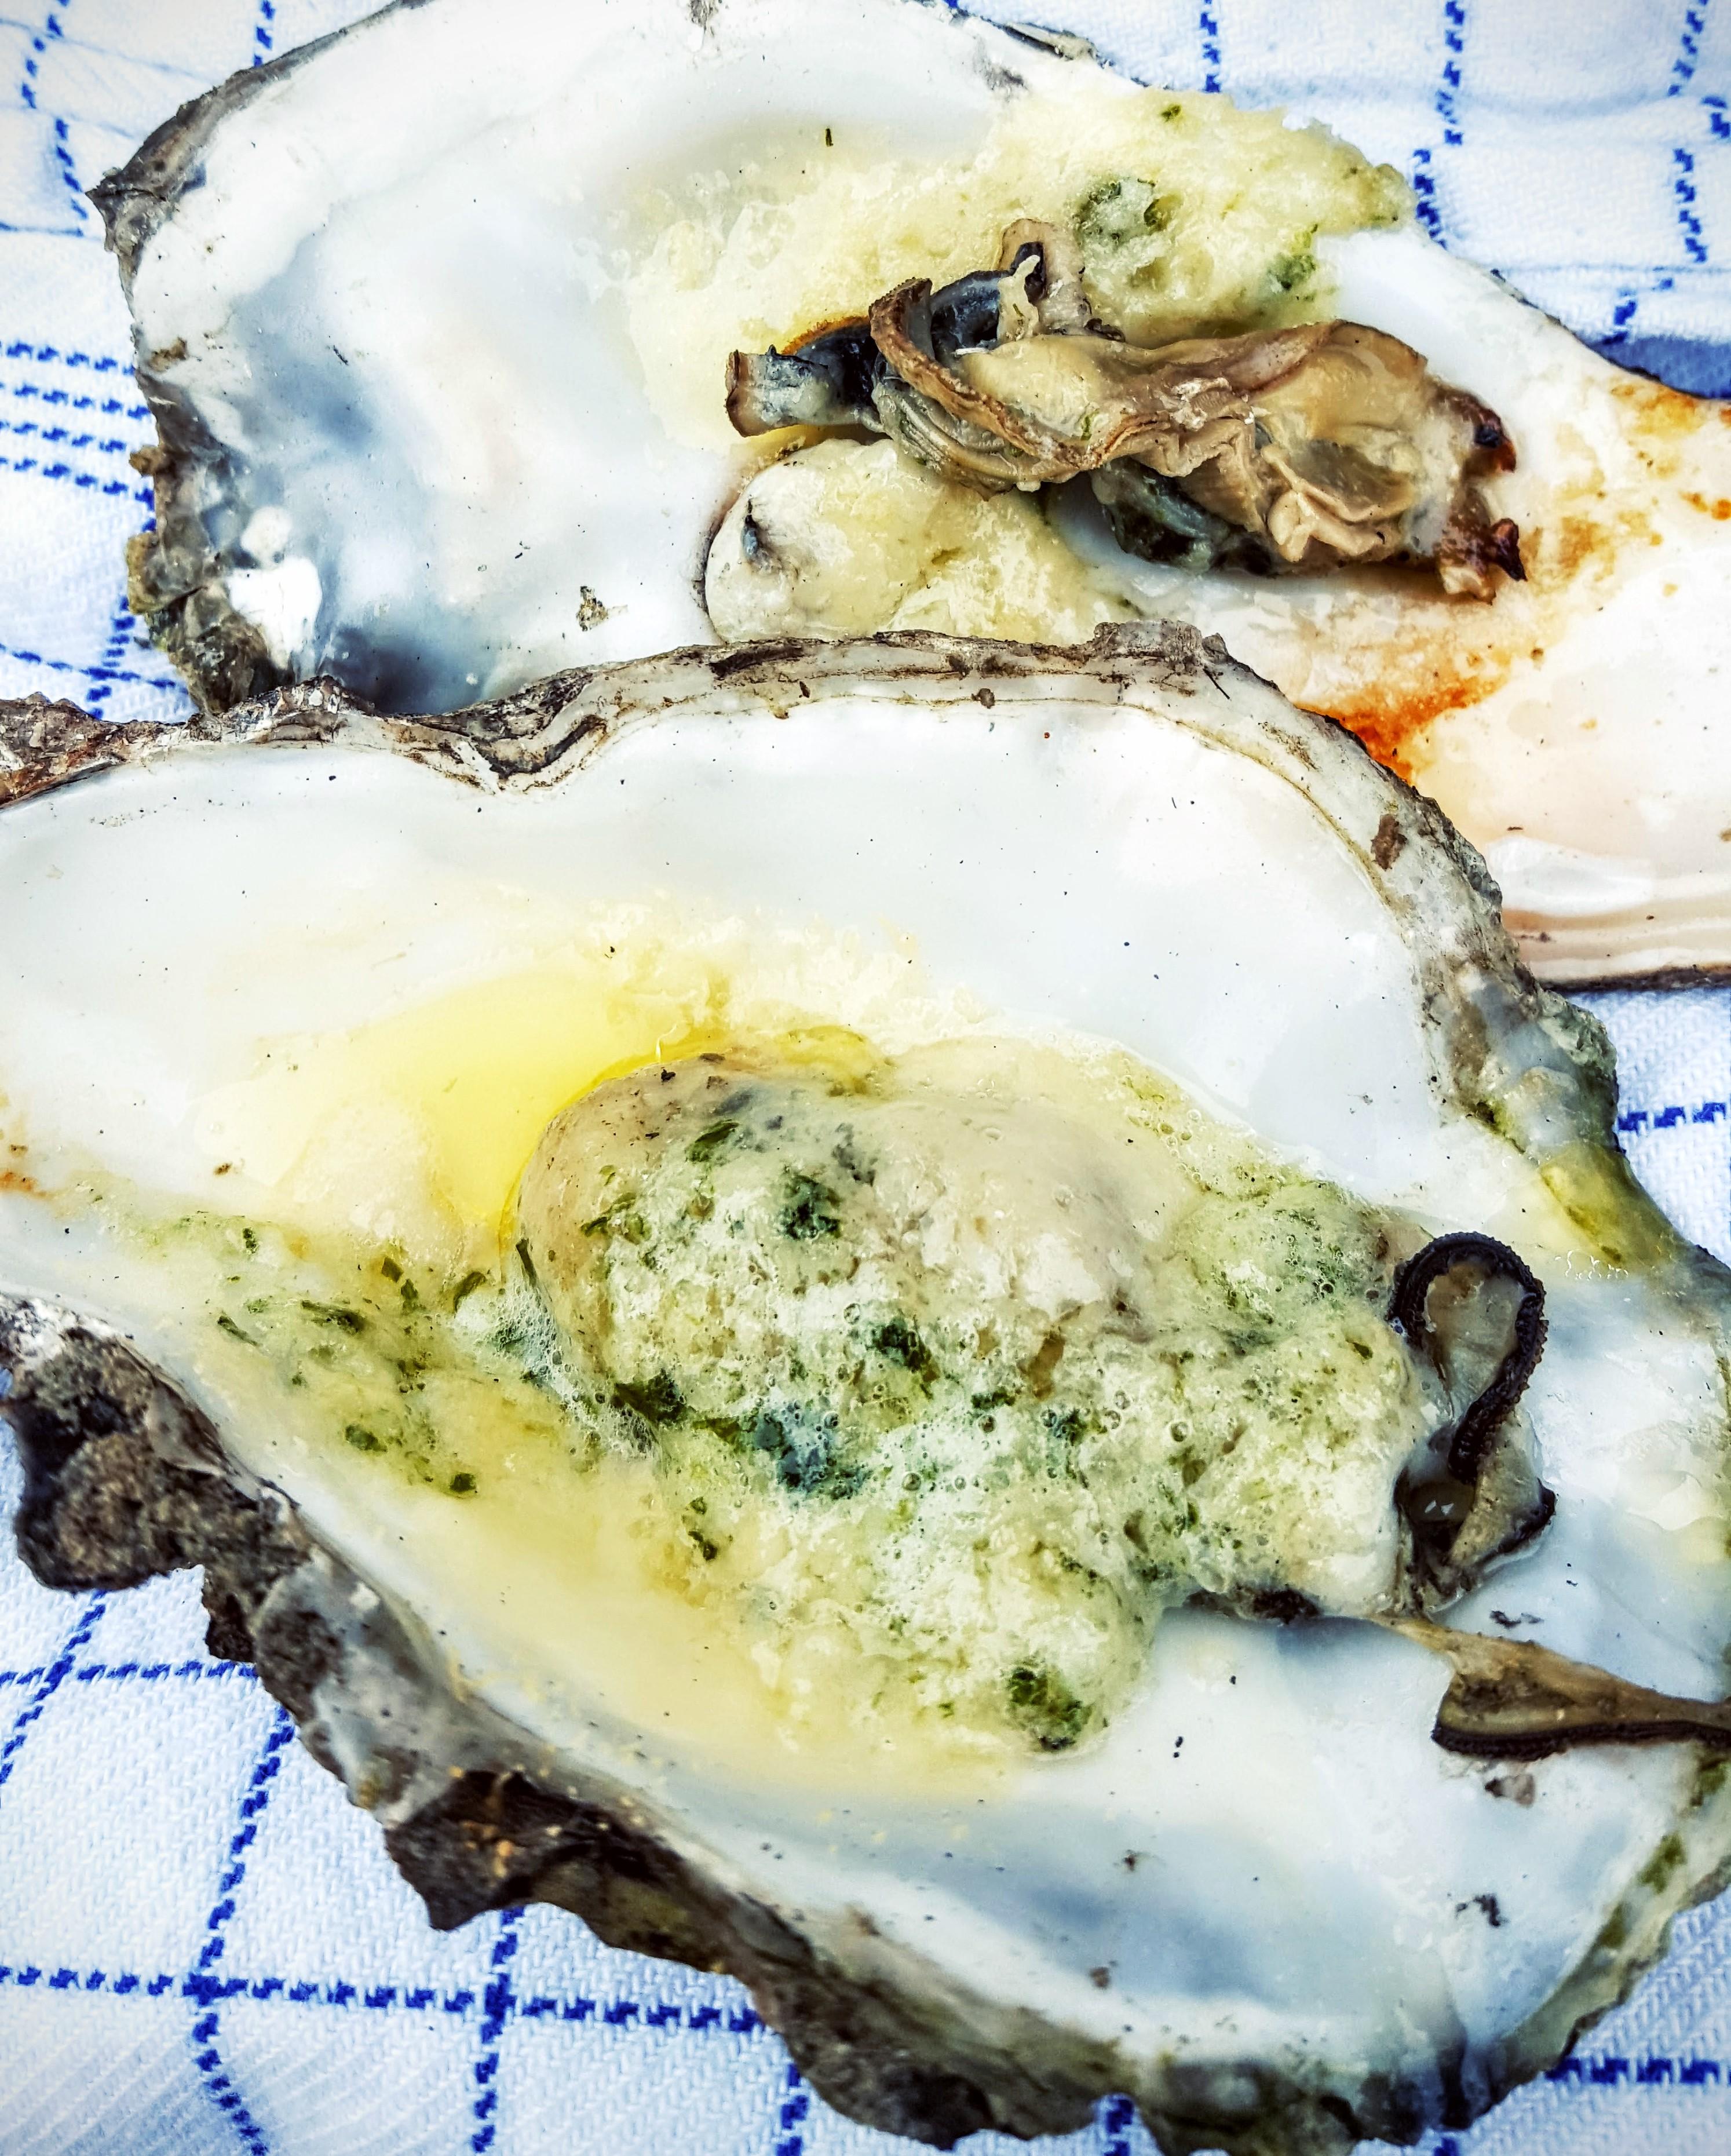 Fanø østers grillede i hvidløg & ramsløg smør og revet parmesanost